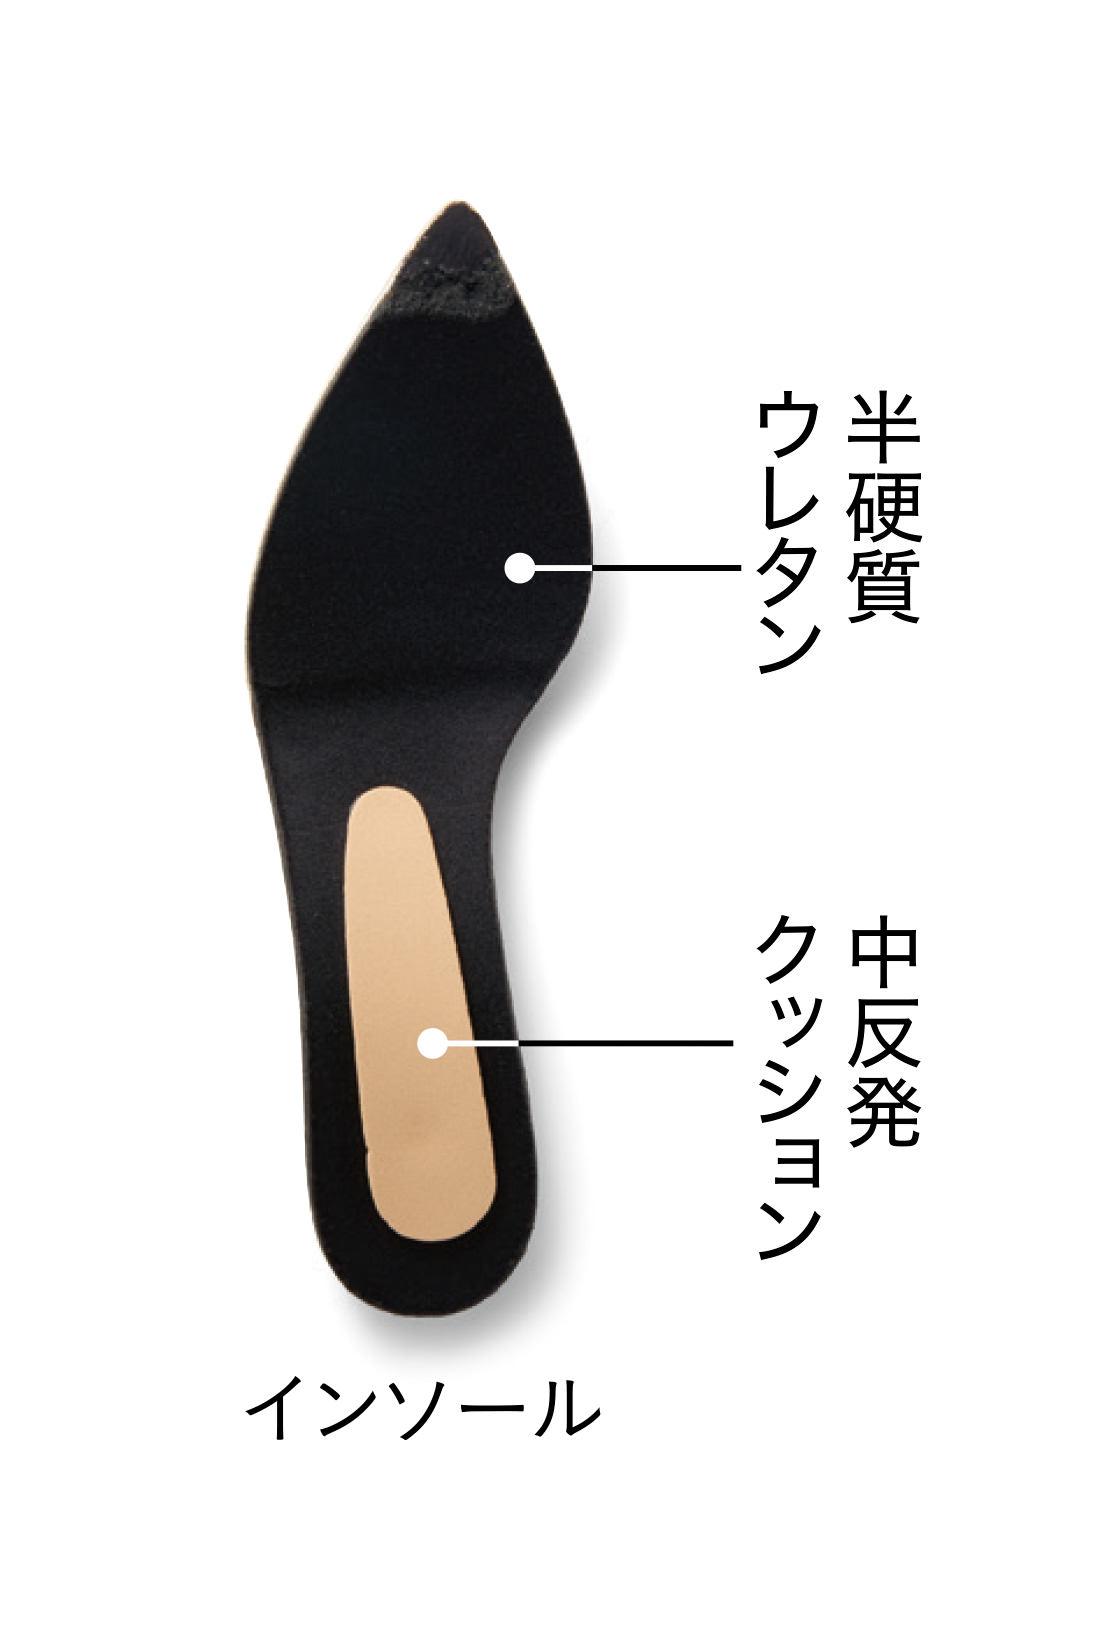 中反発&半硬質のクッションでサポート 体重のかかる足先と土踏まずからかかとの部分をしっかりフォロー。こだわりのインソールを採用し、長く履いてもつかれにくい仕様に。 インソールは抗菌防臭加工 むれやニオイが気になりにくいから、素足で履いても安心。